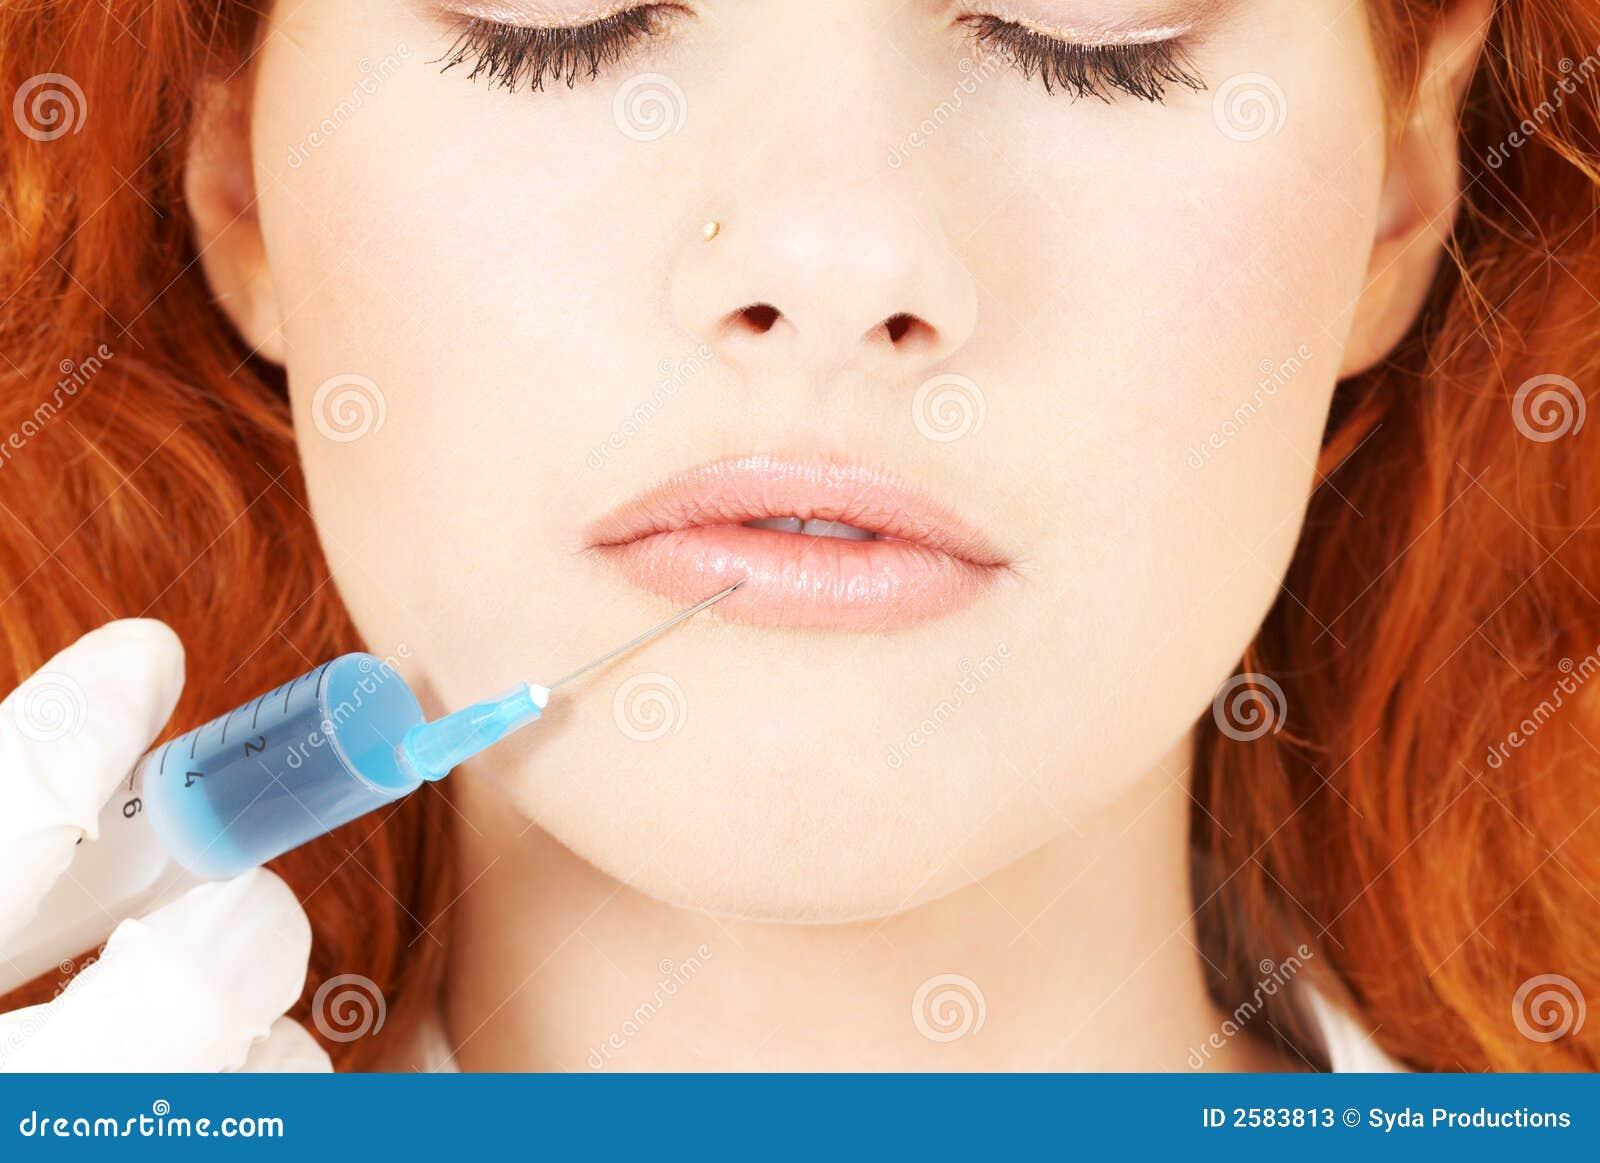 De uitbreiding van lippen